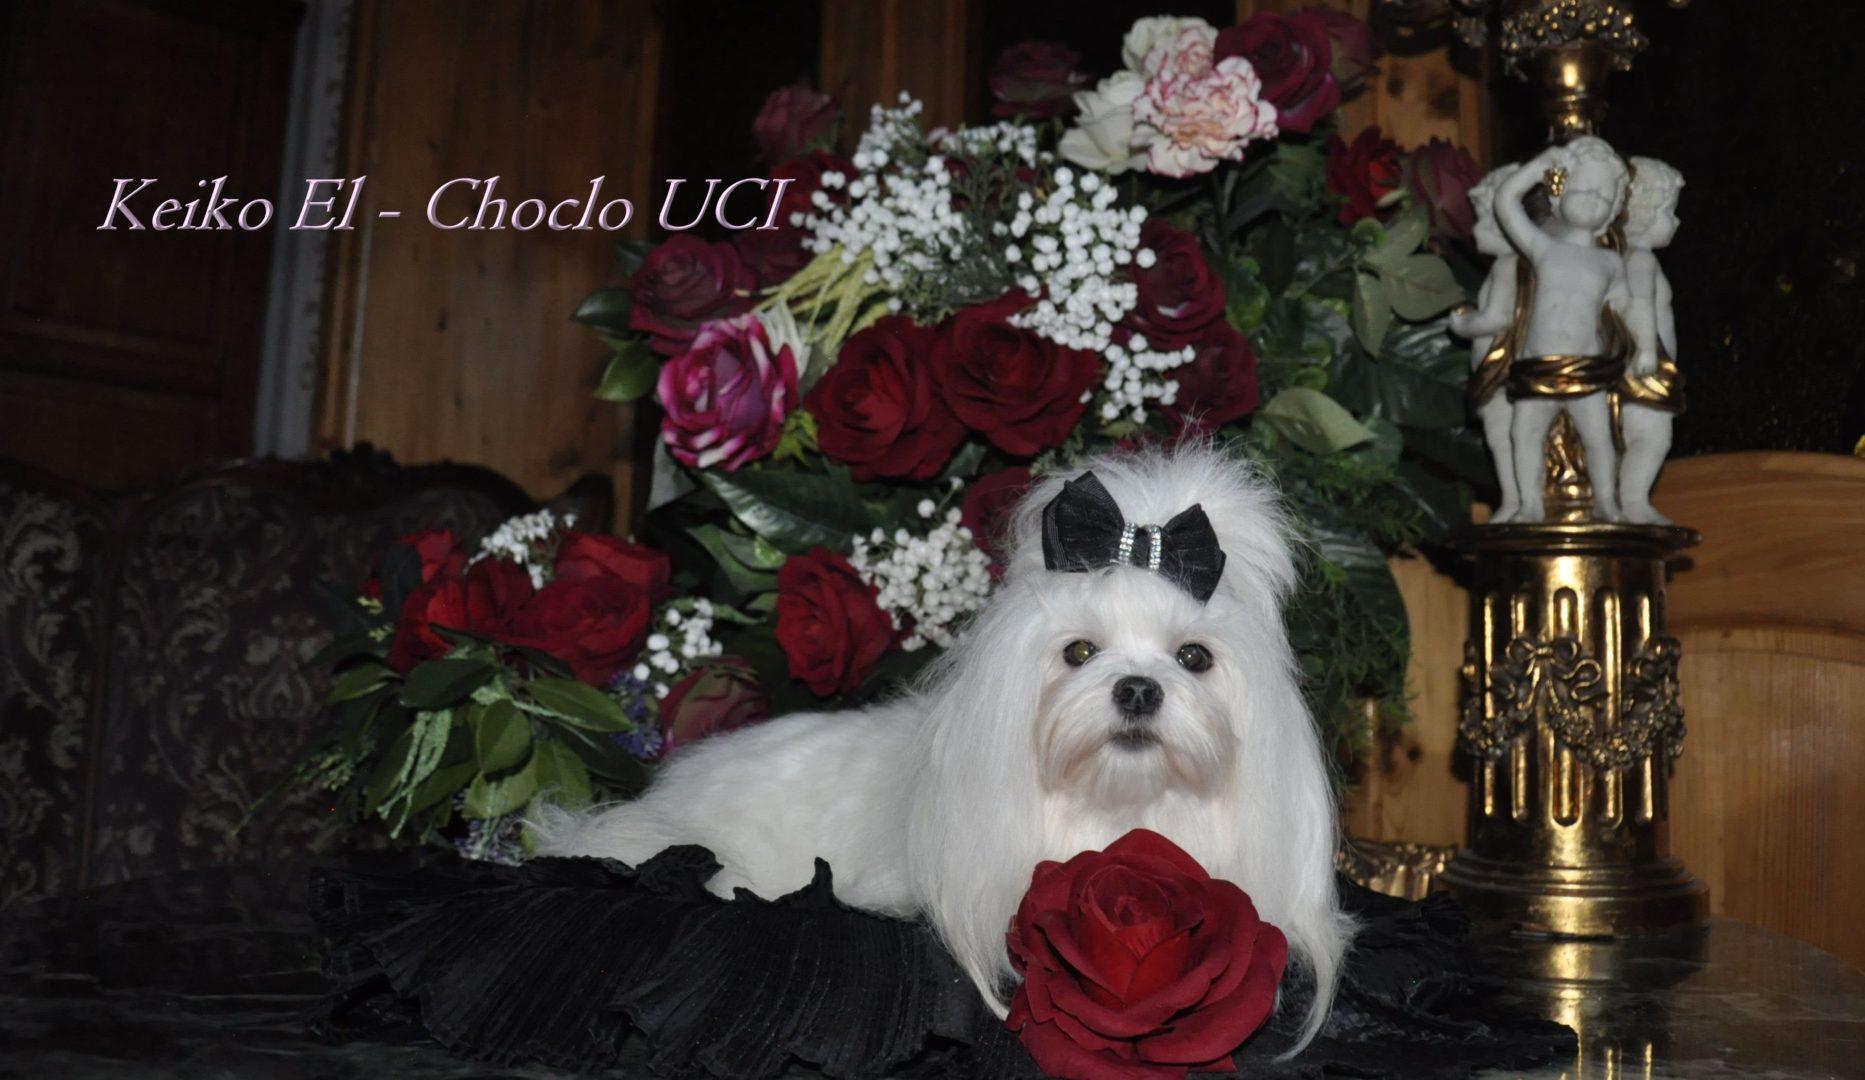 KEIKO EL -CHOCLO UCI